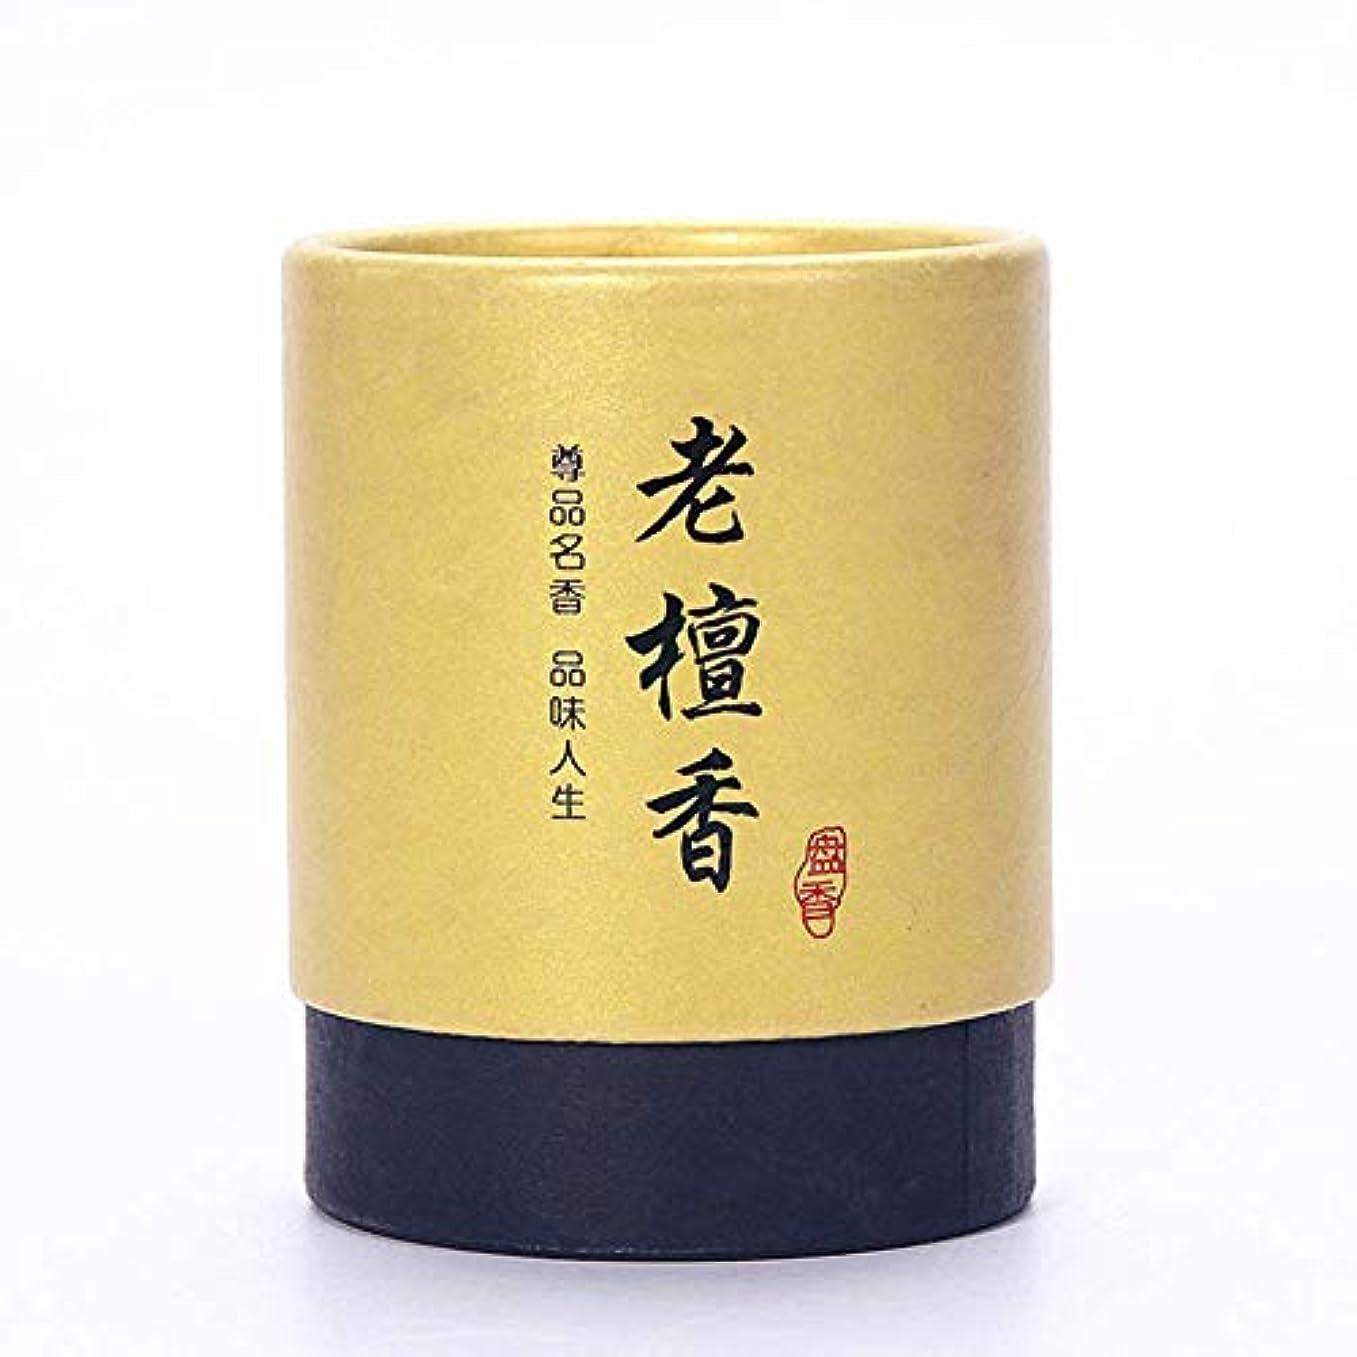 くぼみボルト海HwaGui お香 ビャクダン 2時間 盤香 渦巻き線香 優しい香り 48巻入 (老い檀香)